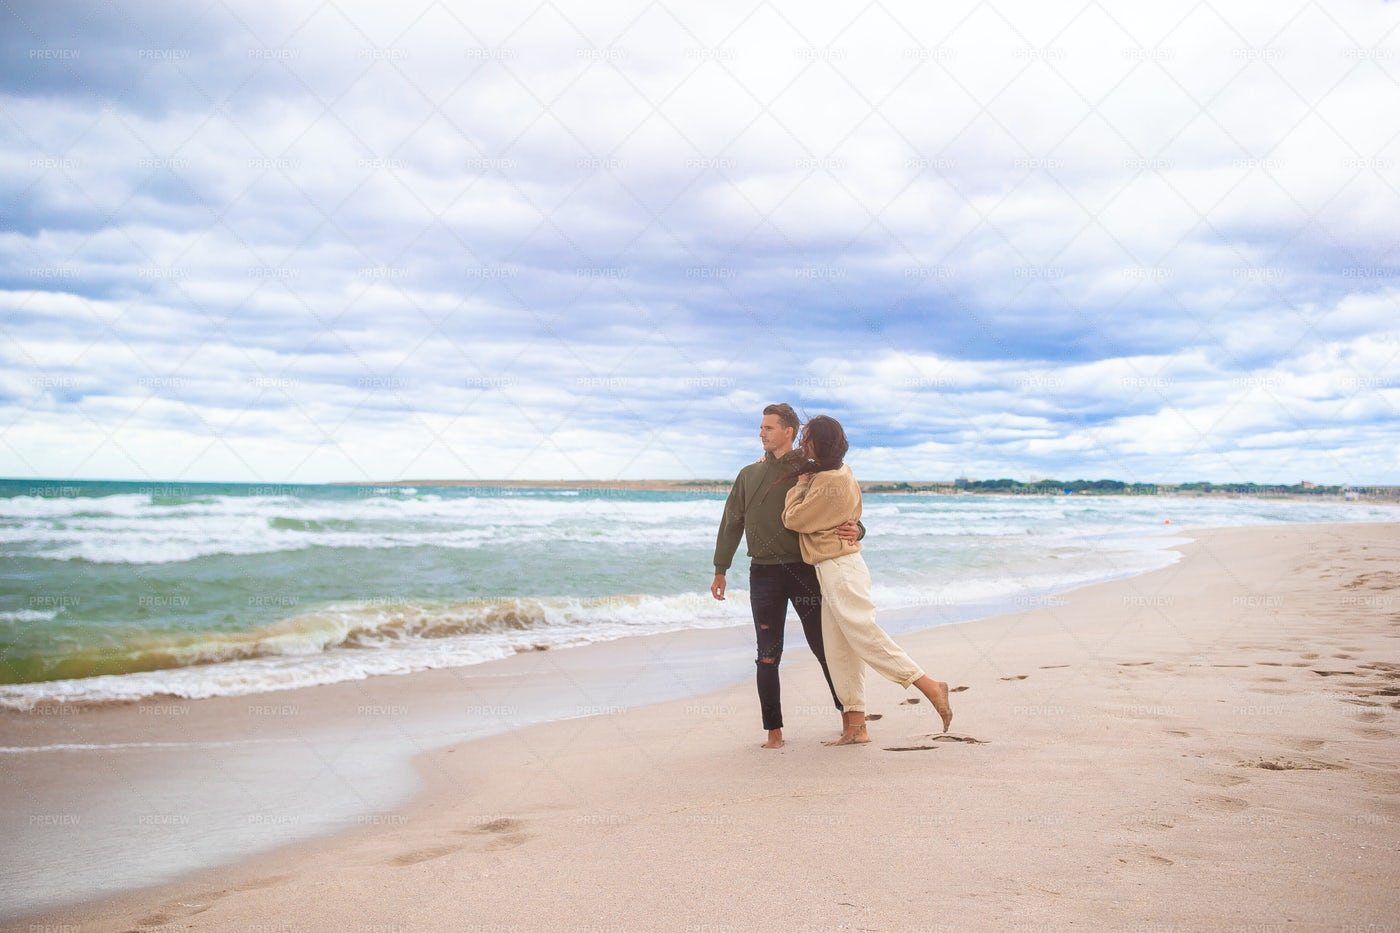 Couple On The Sand: Stock Photos